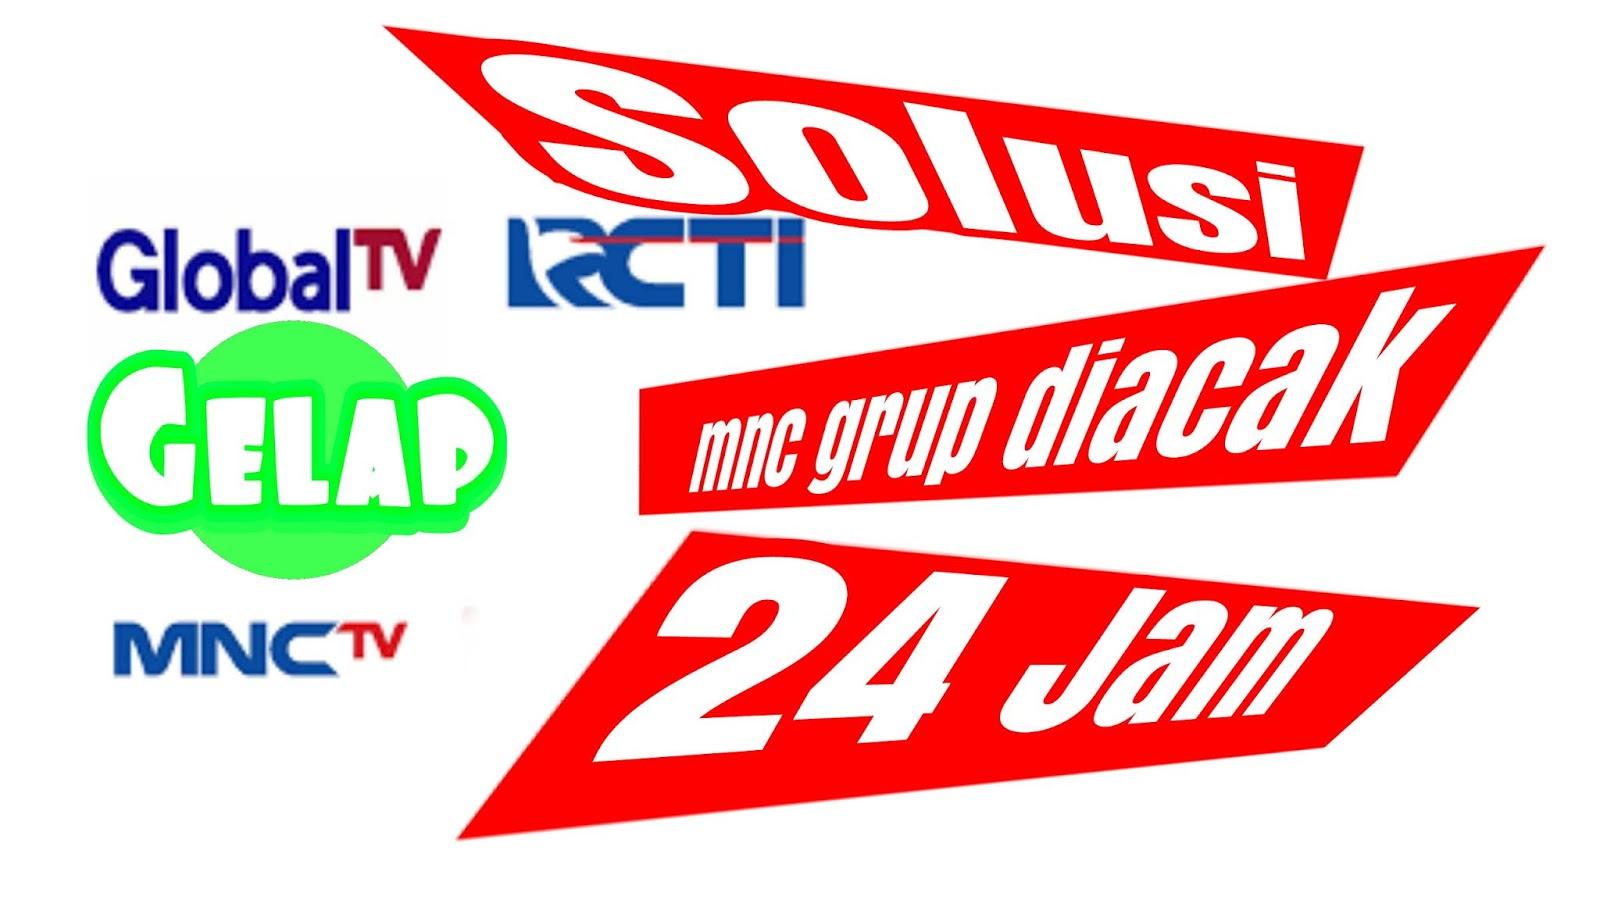 solusi rcti, mnc tv, gtv global tv yang diacak 24 jam di parabola